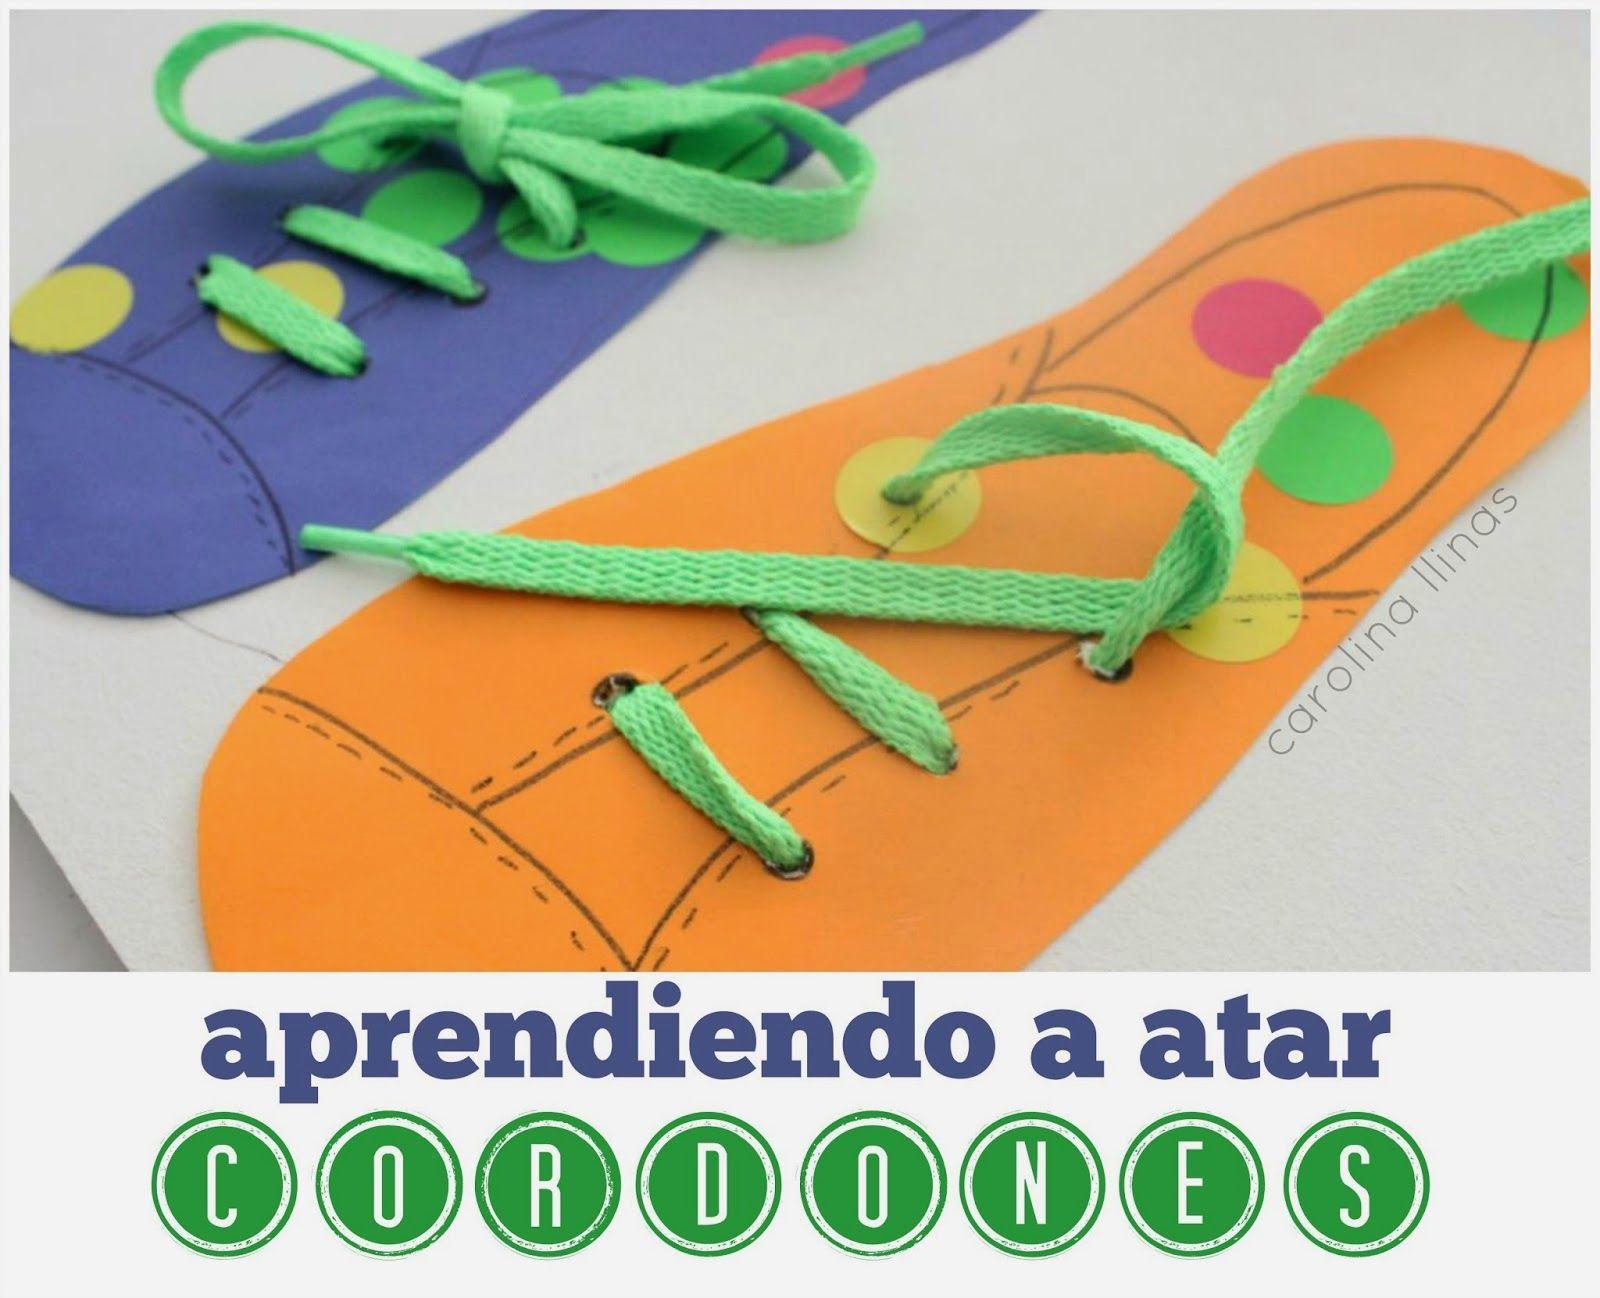 juego para aprender a atar cordones de zapatos